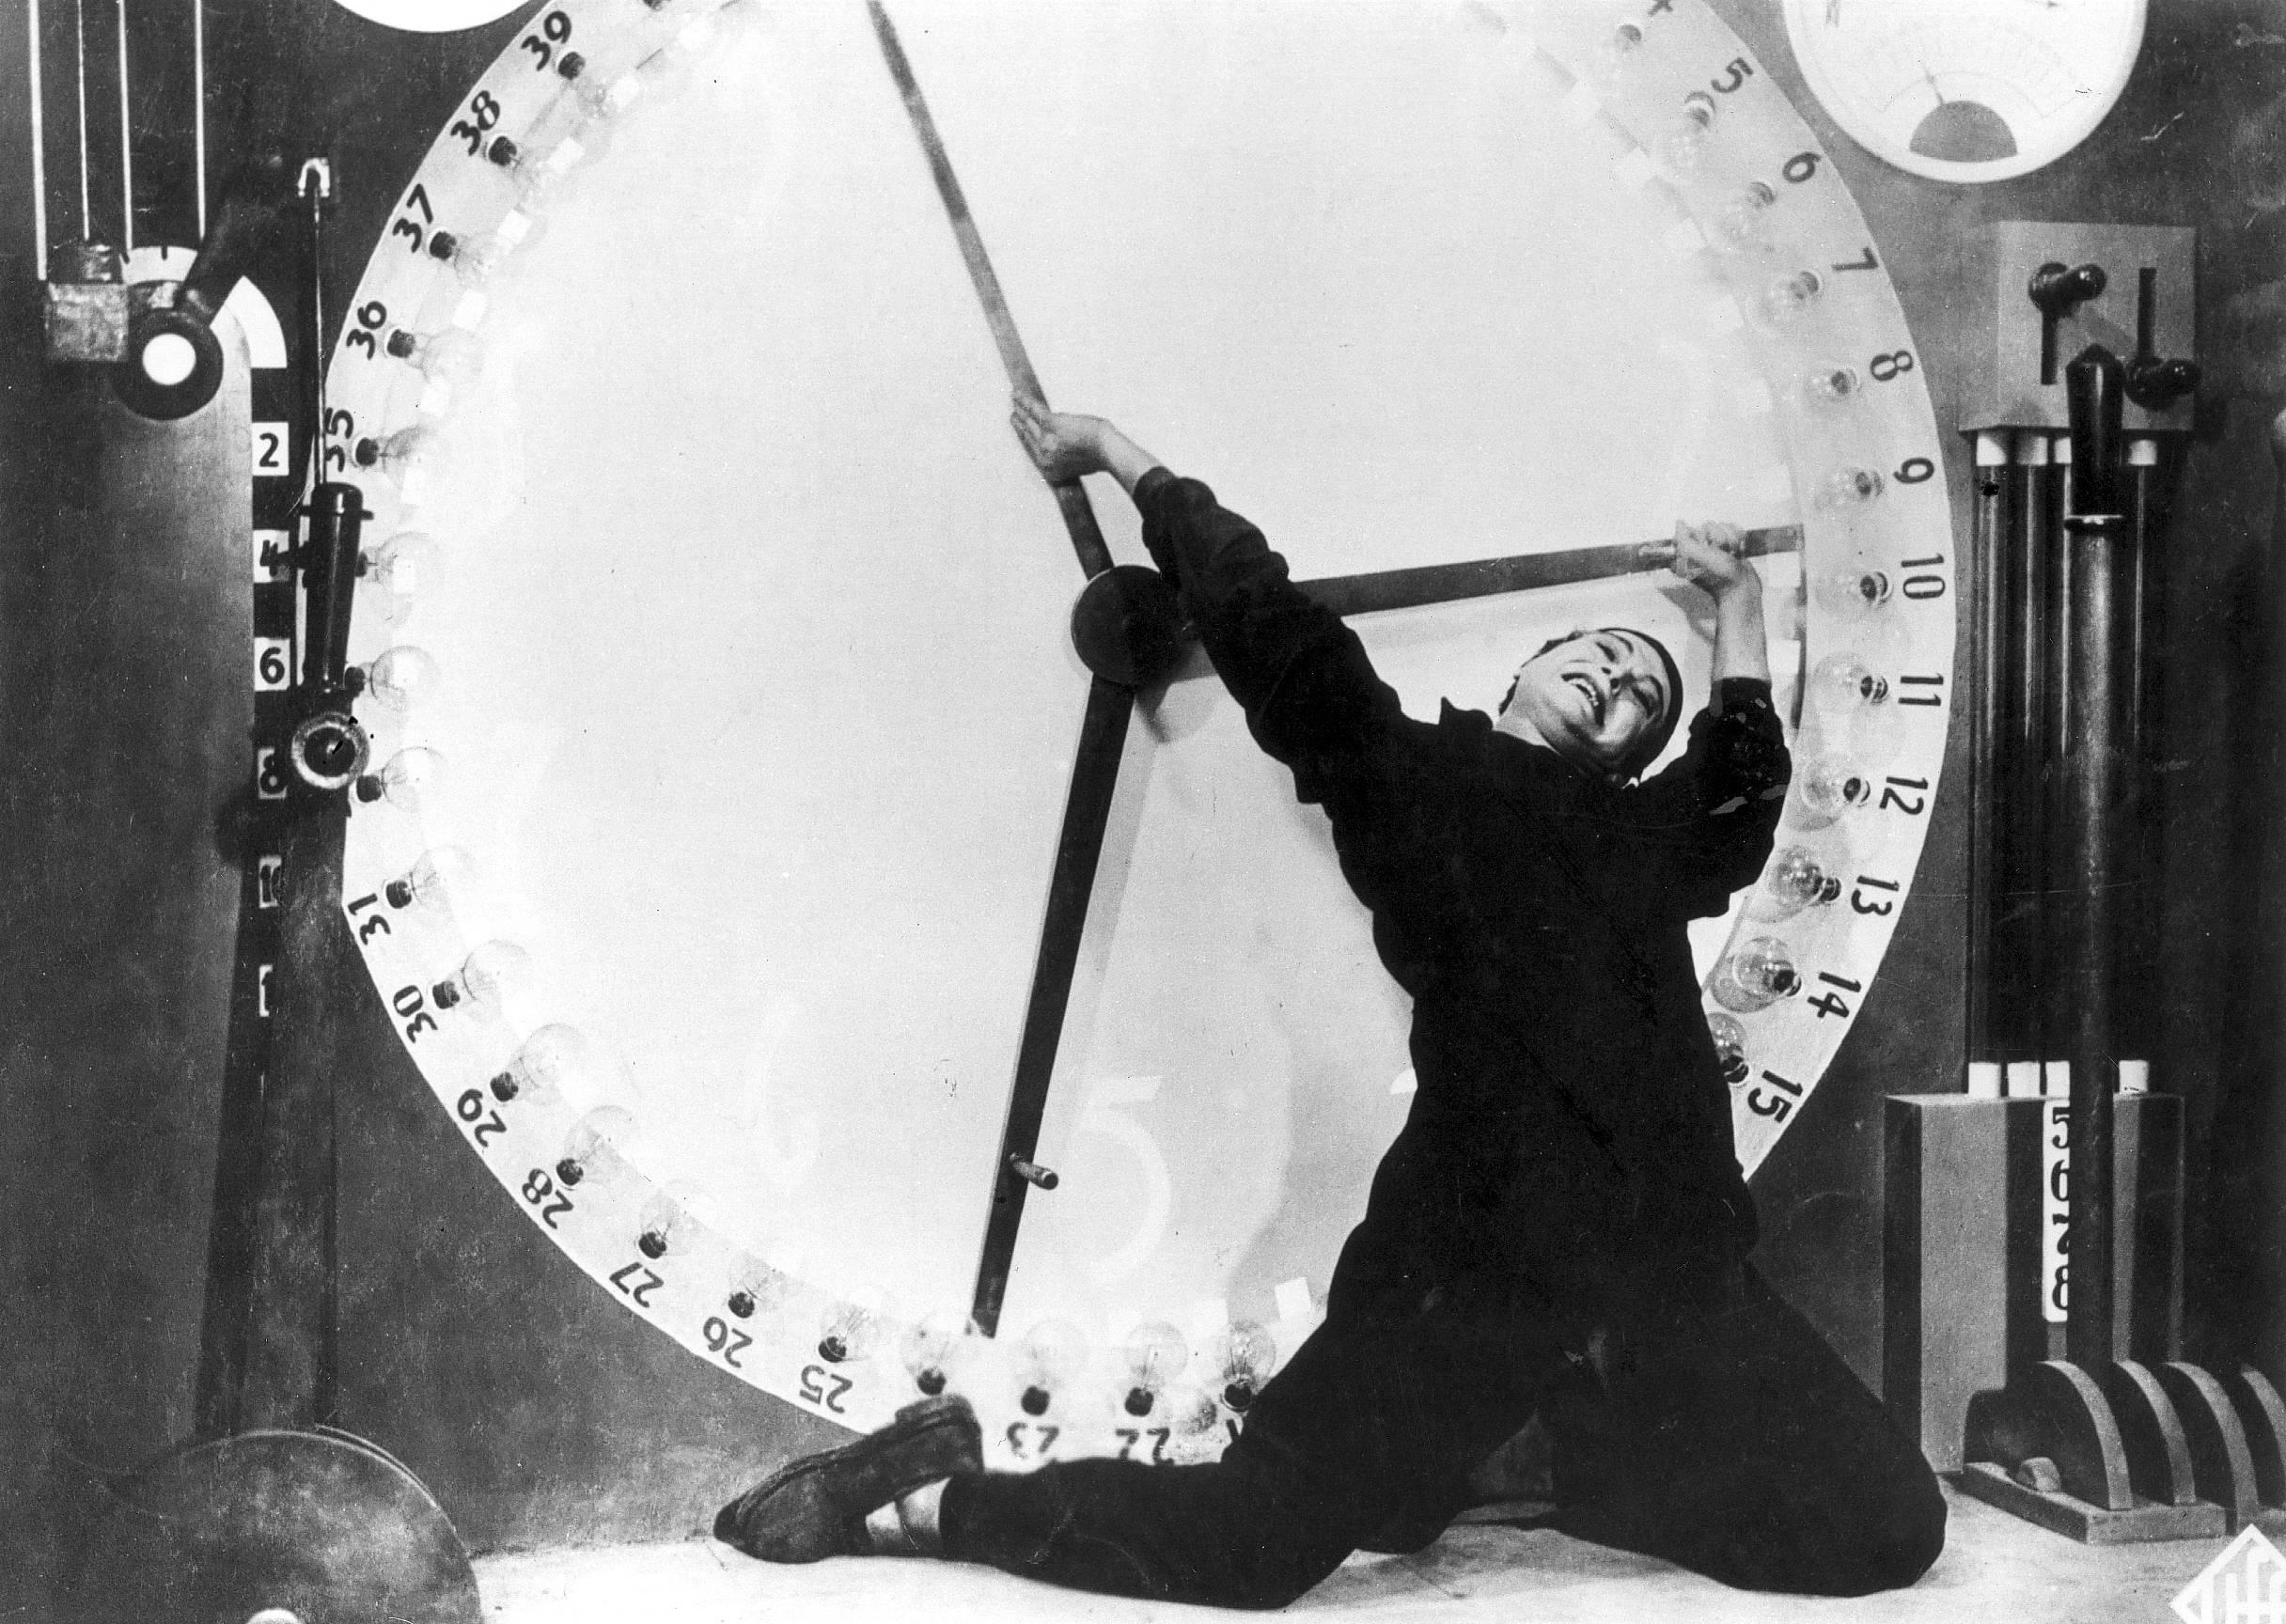 CuadroXCuadro: 'Metrópolis' de Fritz Lang y la profecía de Adolfo Hitler